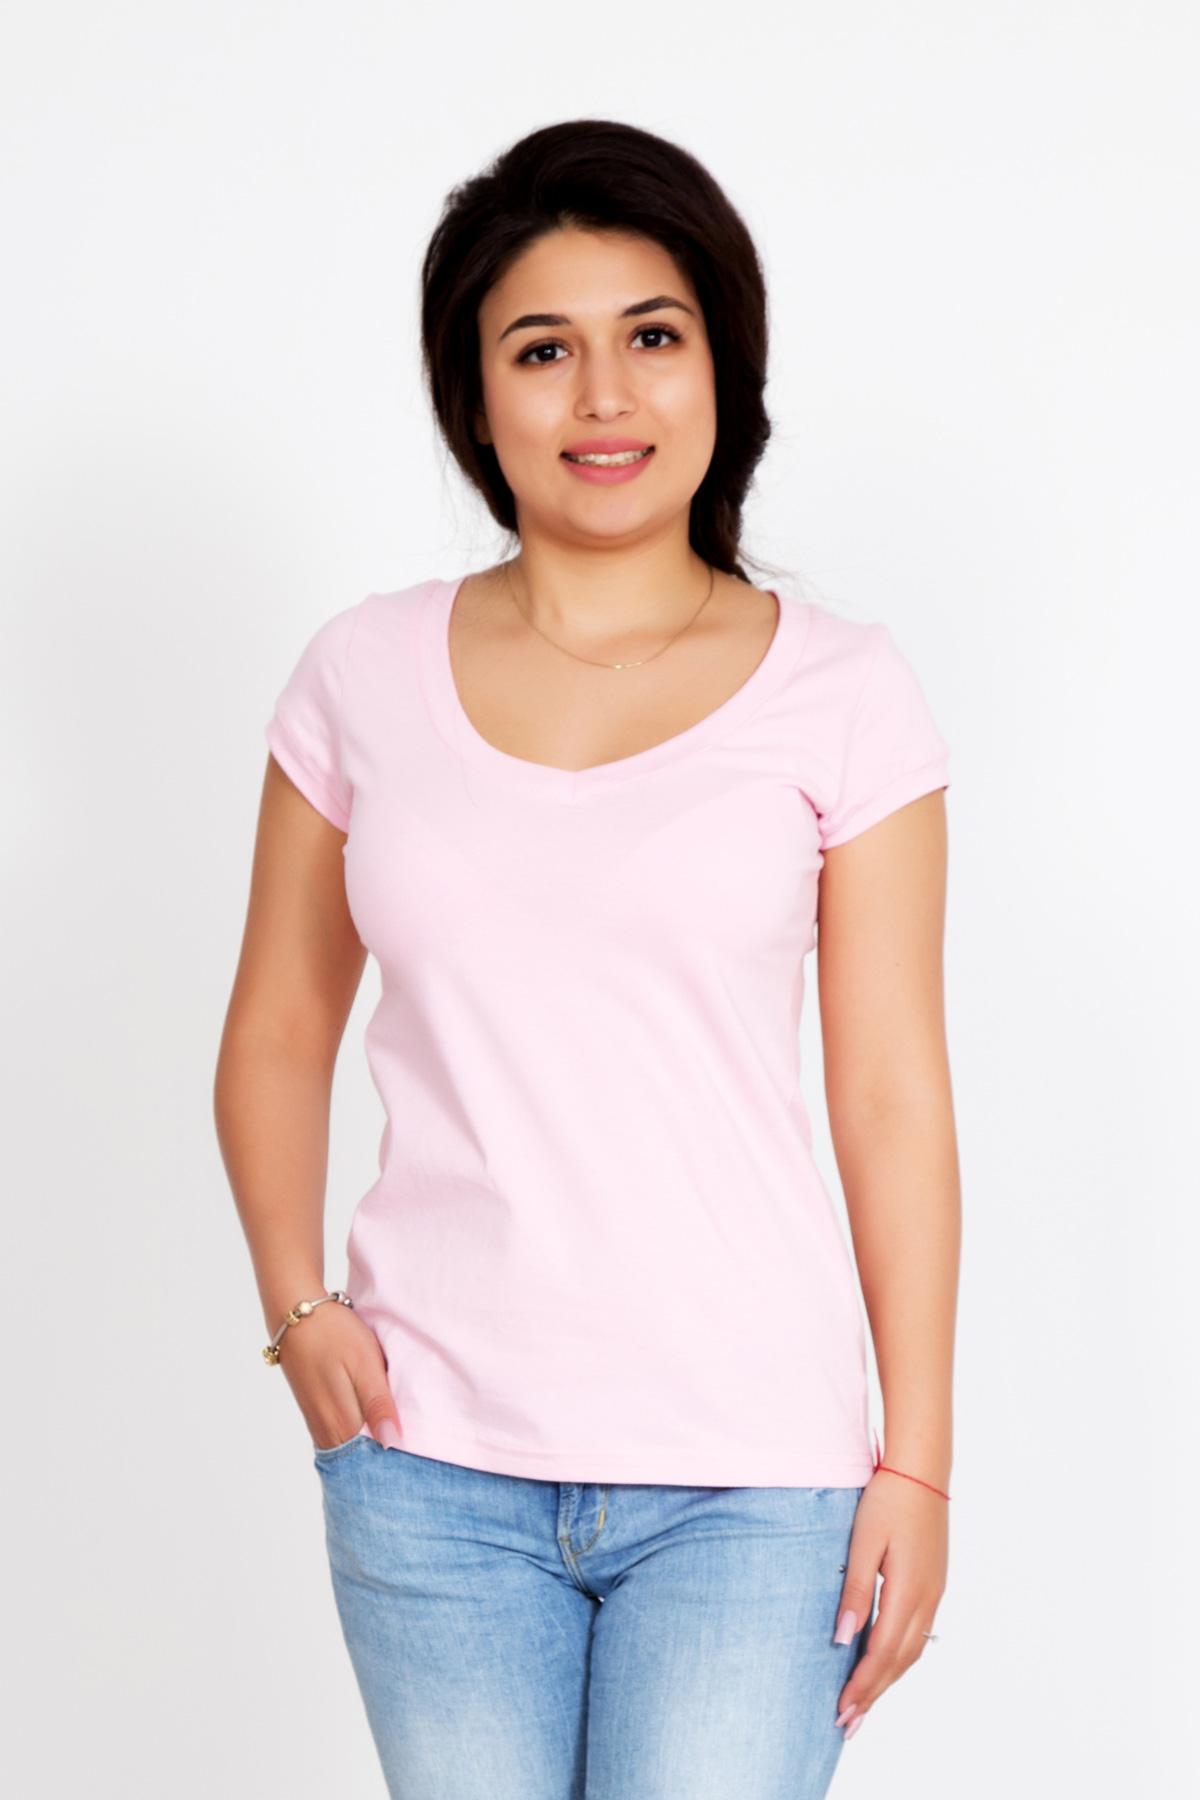 Жен. футболка Лиза Сухая роза р. 46Майки и футболки<br>Факт. ОГ: 78 см <br>Факт. ОТ: 78 см <br>Факт. ОБ: 86 см <br>Длина по спинке: 59 см<br><br>Тип: Жен. футболка<br>Размер: 46<br>Материал: Фулайкра